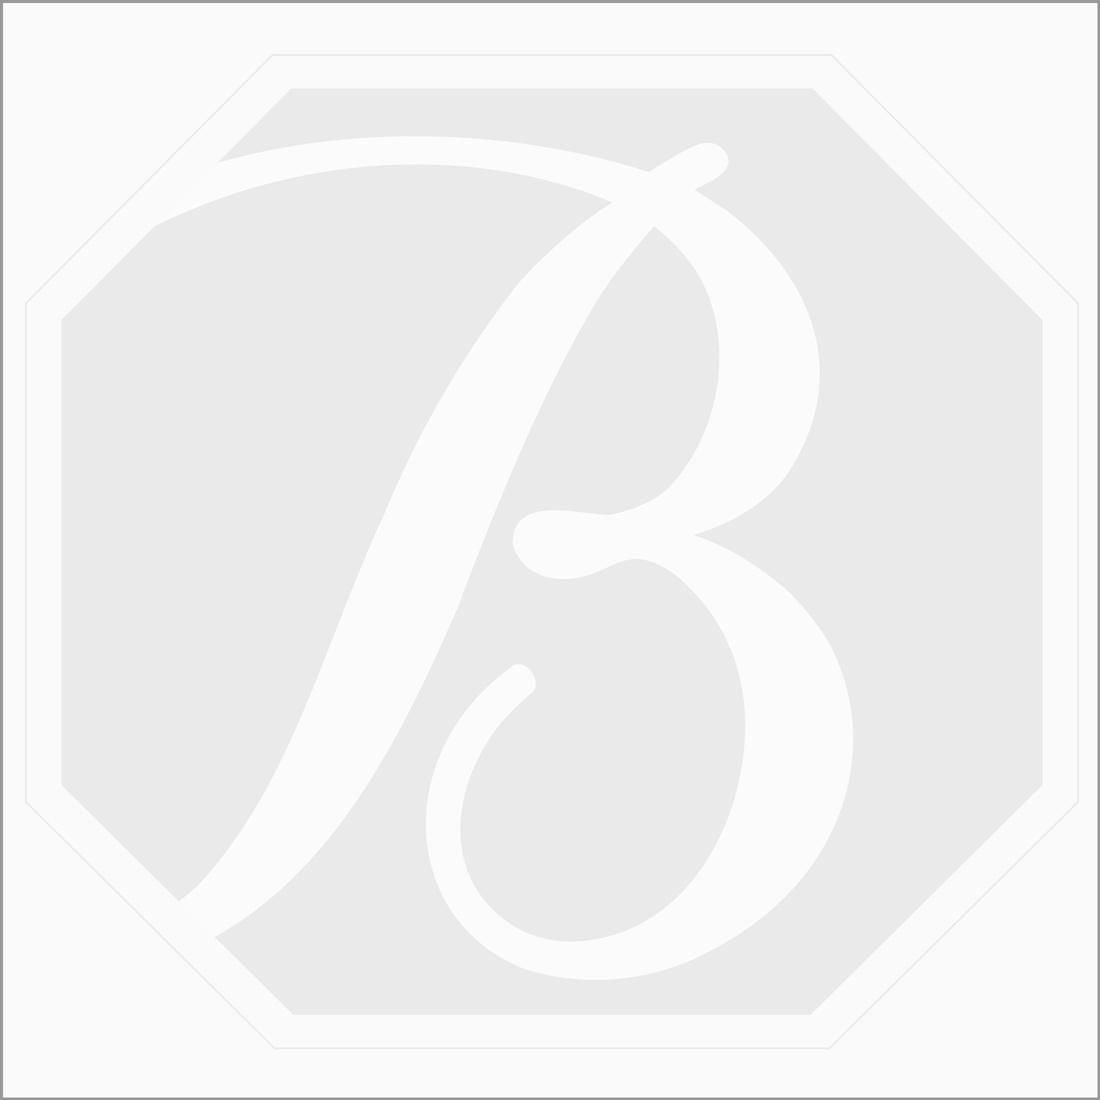 Multi Sapphire Briolettes - 1 Line - 72.00 carats - 17 inches - (MSDF1011)